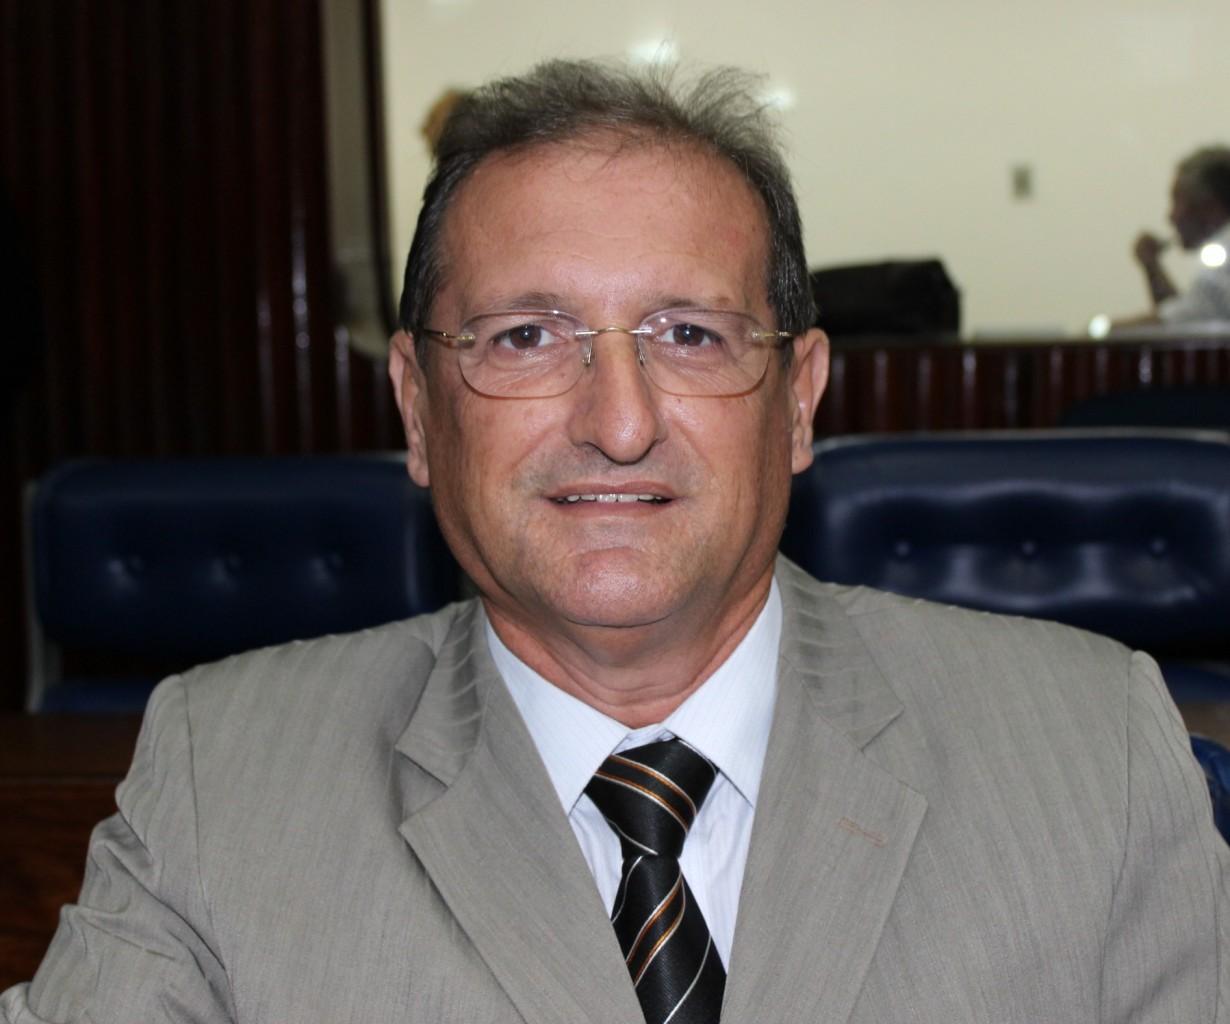 HERVÁSIO BEZERRA - Hervázio Bezerra diz que desconhece nome de Adriano Galdino para disputa da presidência da ALPB